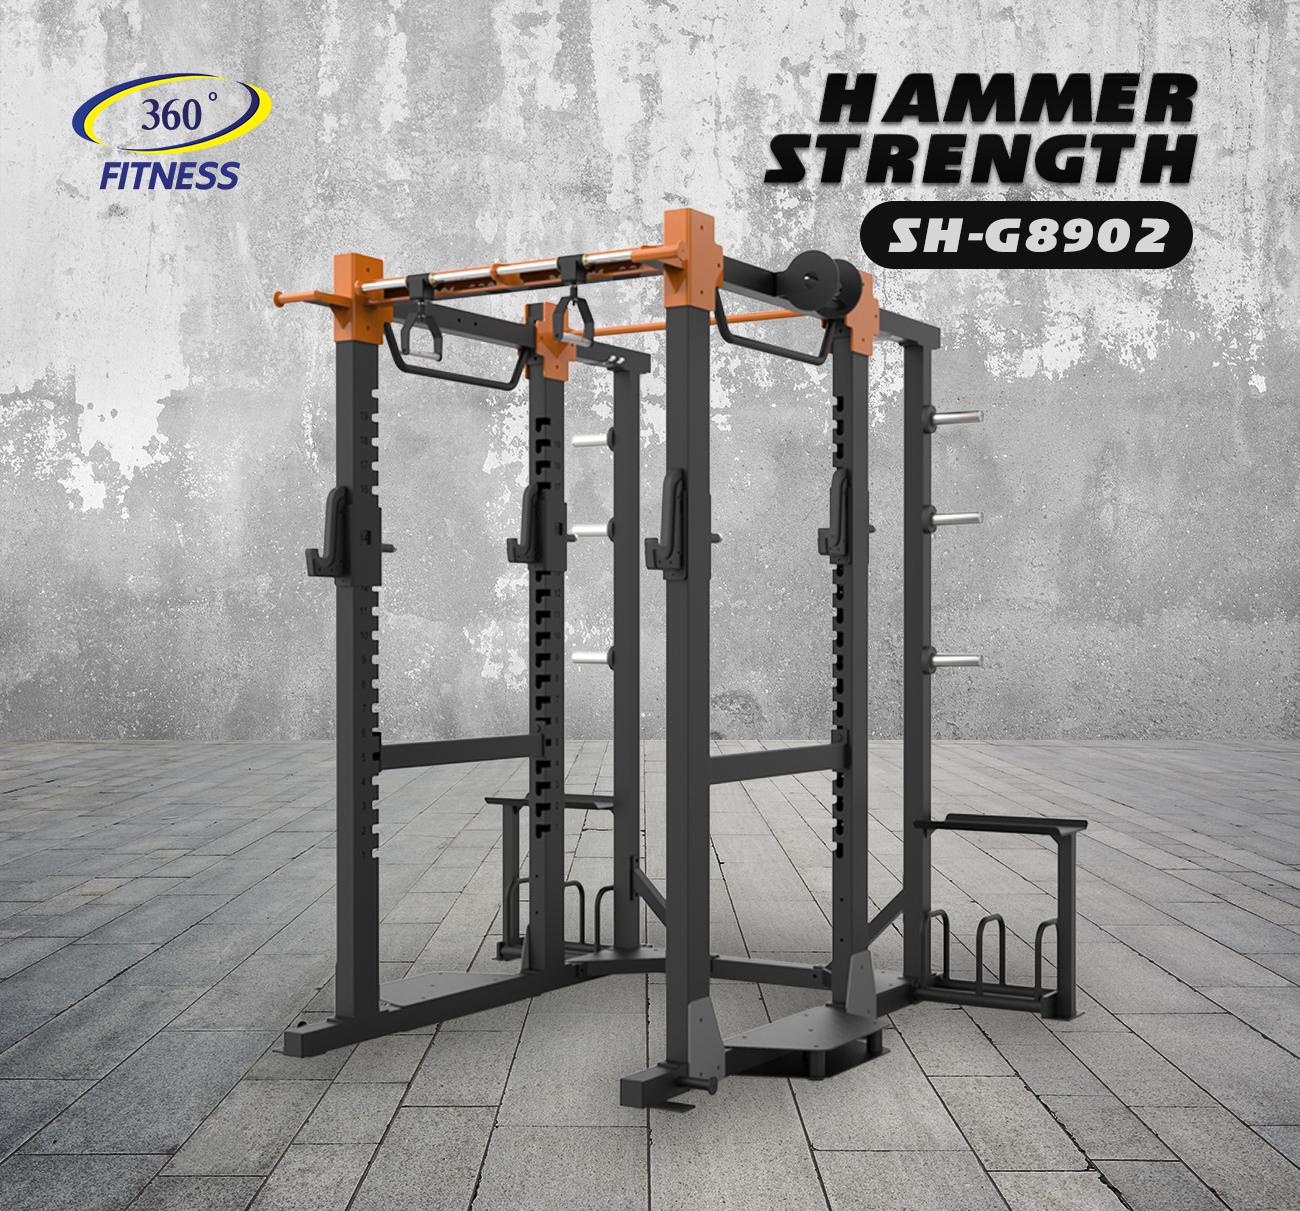 POWER RACK (SH-G8902)